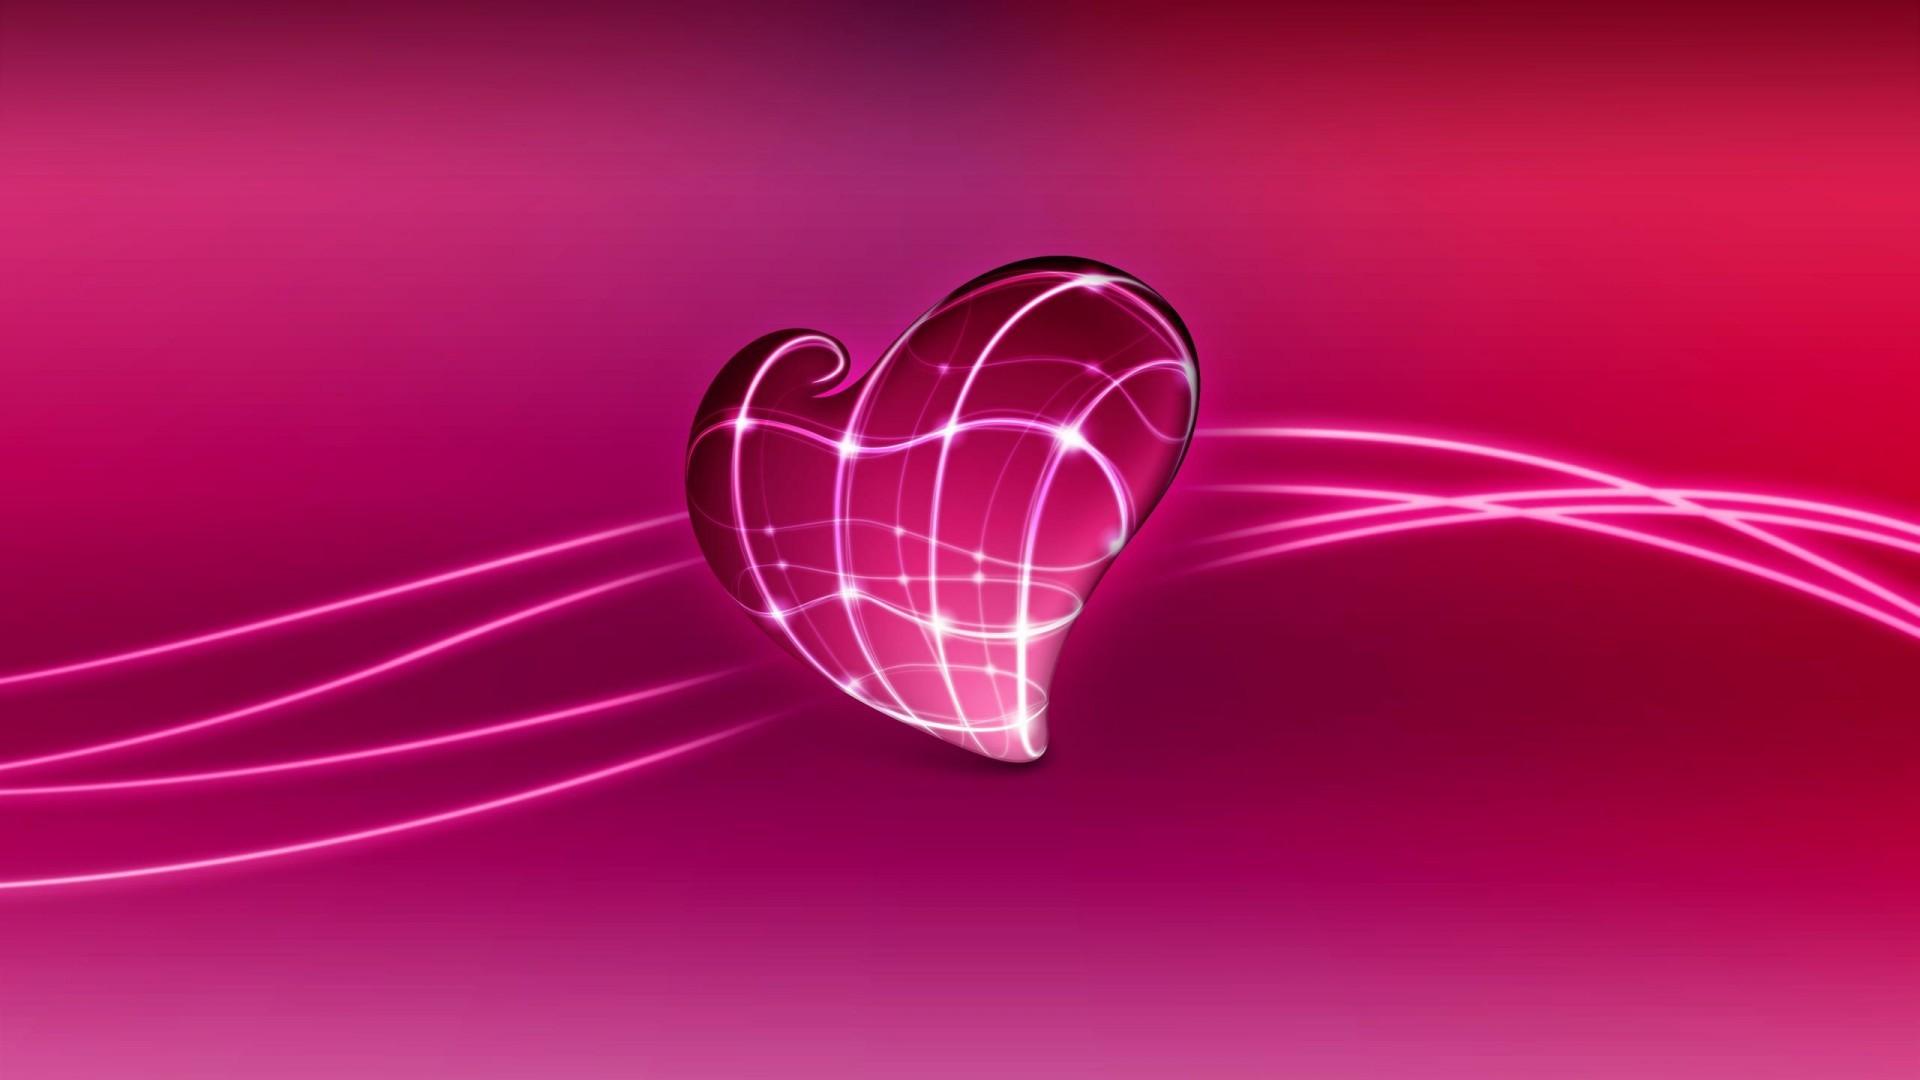 6697 fond d'écran 720x1560 sur votre téléphone gratuitement, téléchargez des images Abstrait, Cœurs, Amour, Saint Valentin 720x1560 sur votre mobile